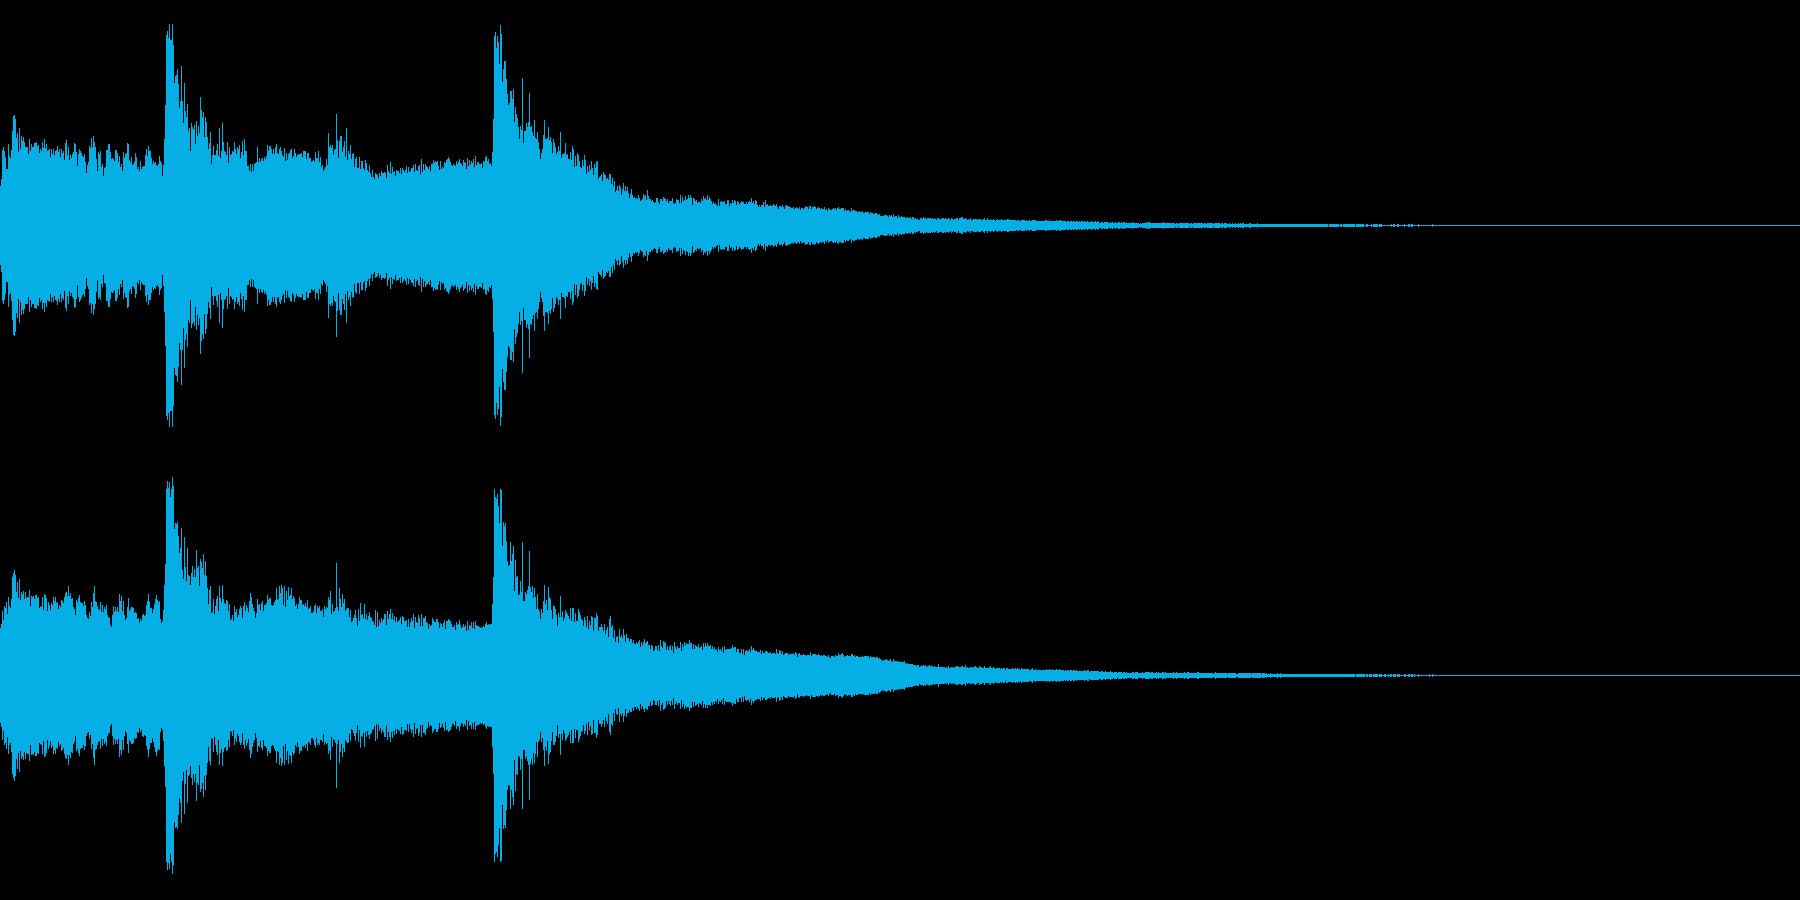 神社 神楽 雅楽の音 の再生済みの波形